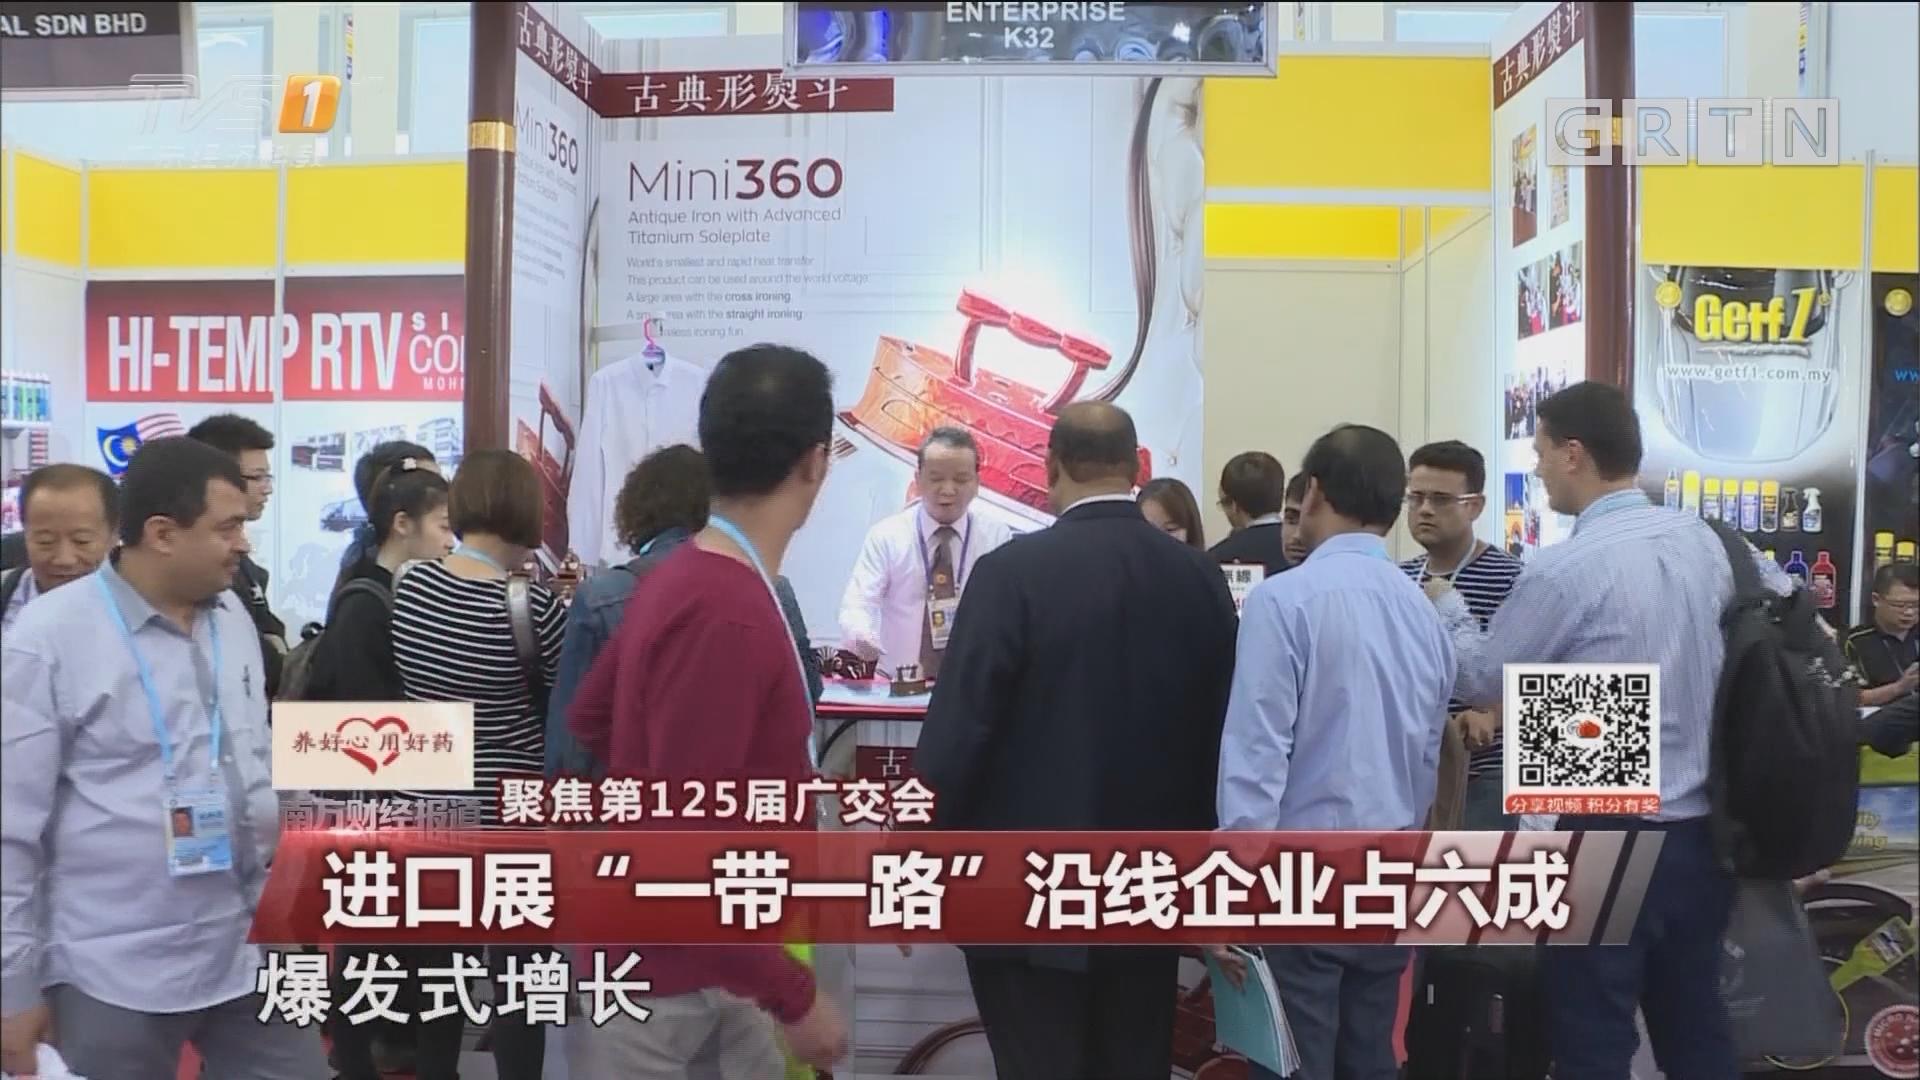 """聚焦第125届广交会 进口展""""一带一路"""" 沿线企业占六成"""